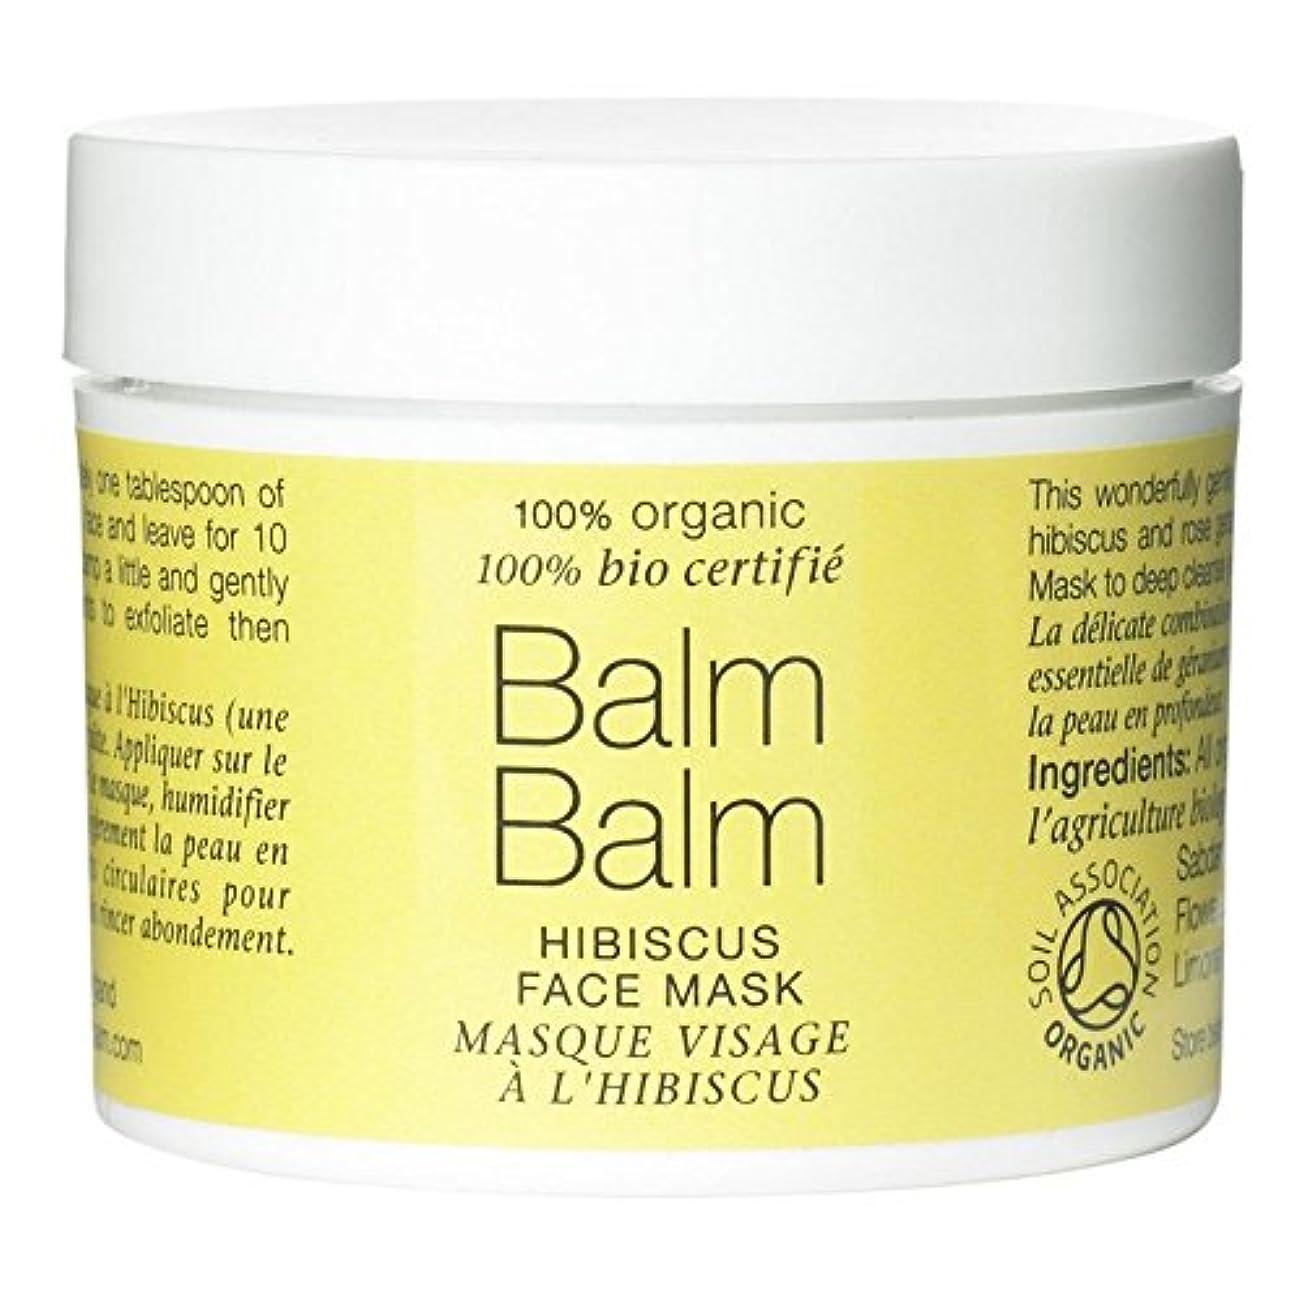 組み合わせ推定する関与するバームバームオーガニックハイビスカスフェイスマスク100グラム x4 - Balm Balm Organic Hibiscus Face Mask 100g (Pack of 4) [並行輸入品]